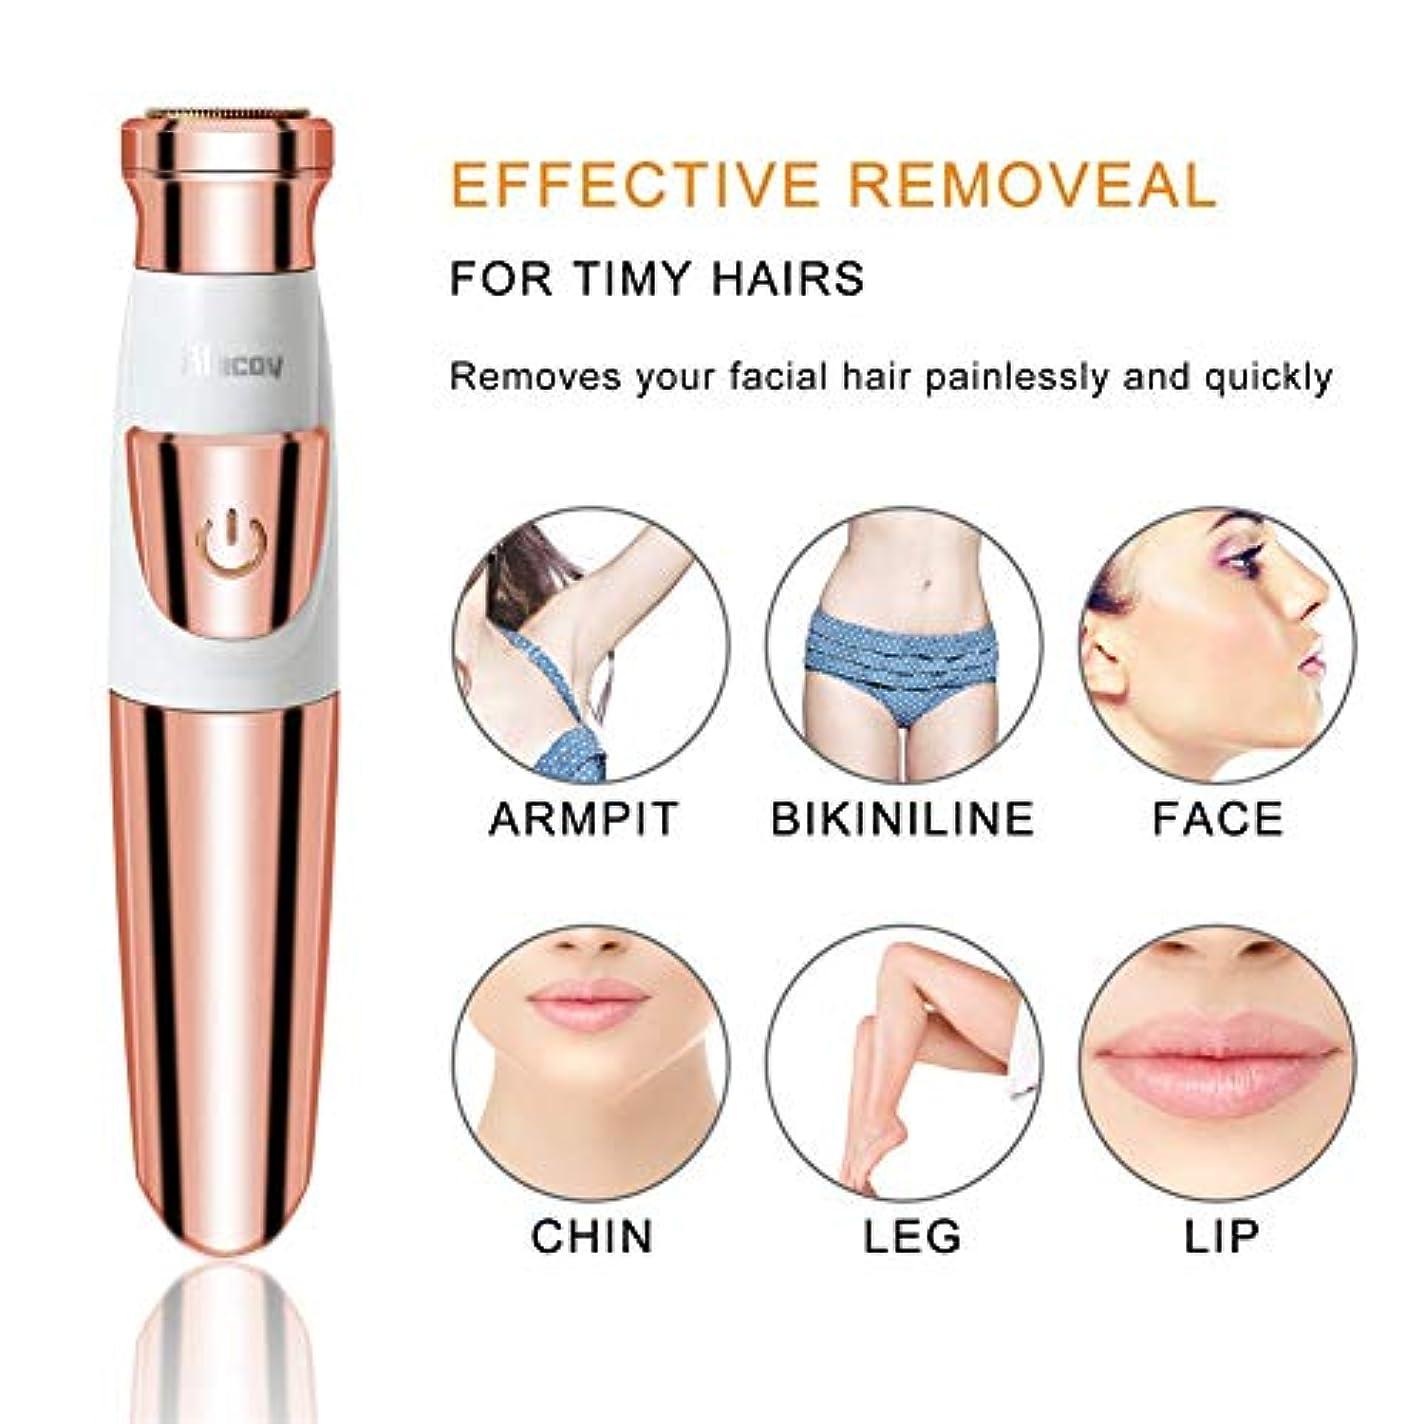 リース発生する義務電気シェーバー、女性の痛みのない体の顔の電気シェーバー、USB充電式、女性のための脱毛剤